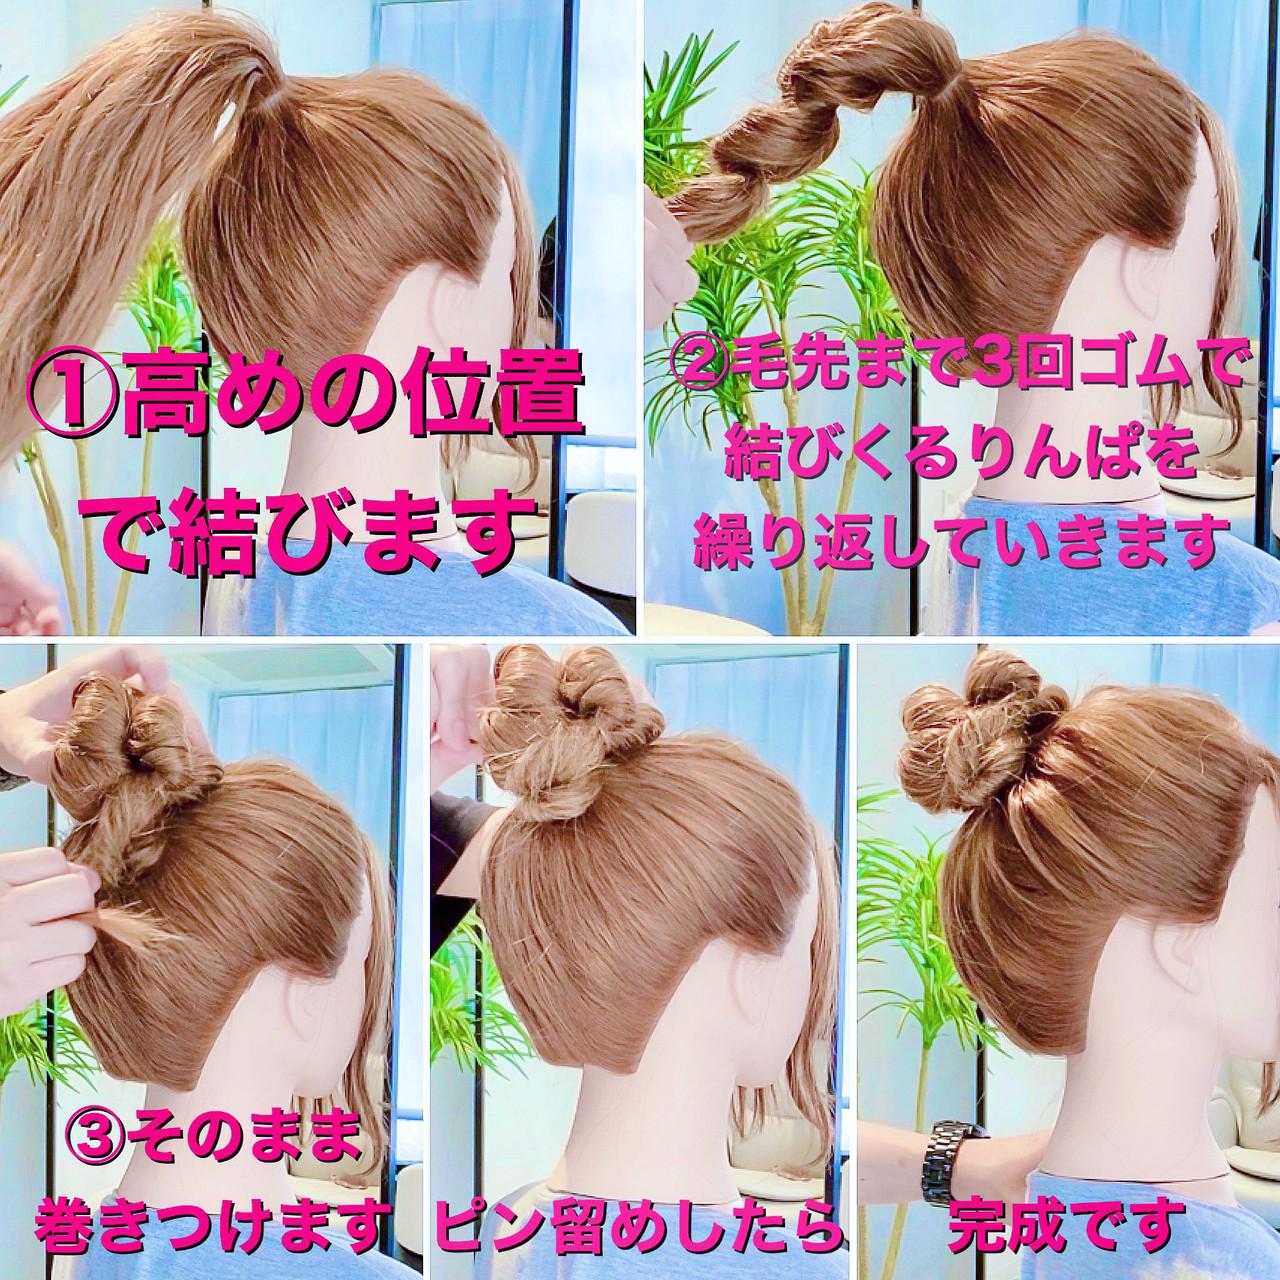 エレガント ロング アップスタイル ヘアセット ヘアスタイルや髪型の写真・画像